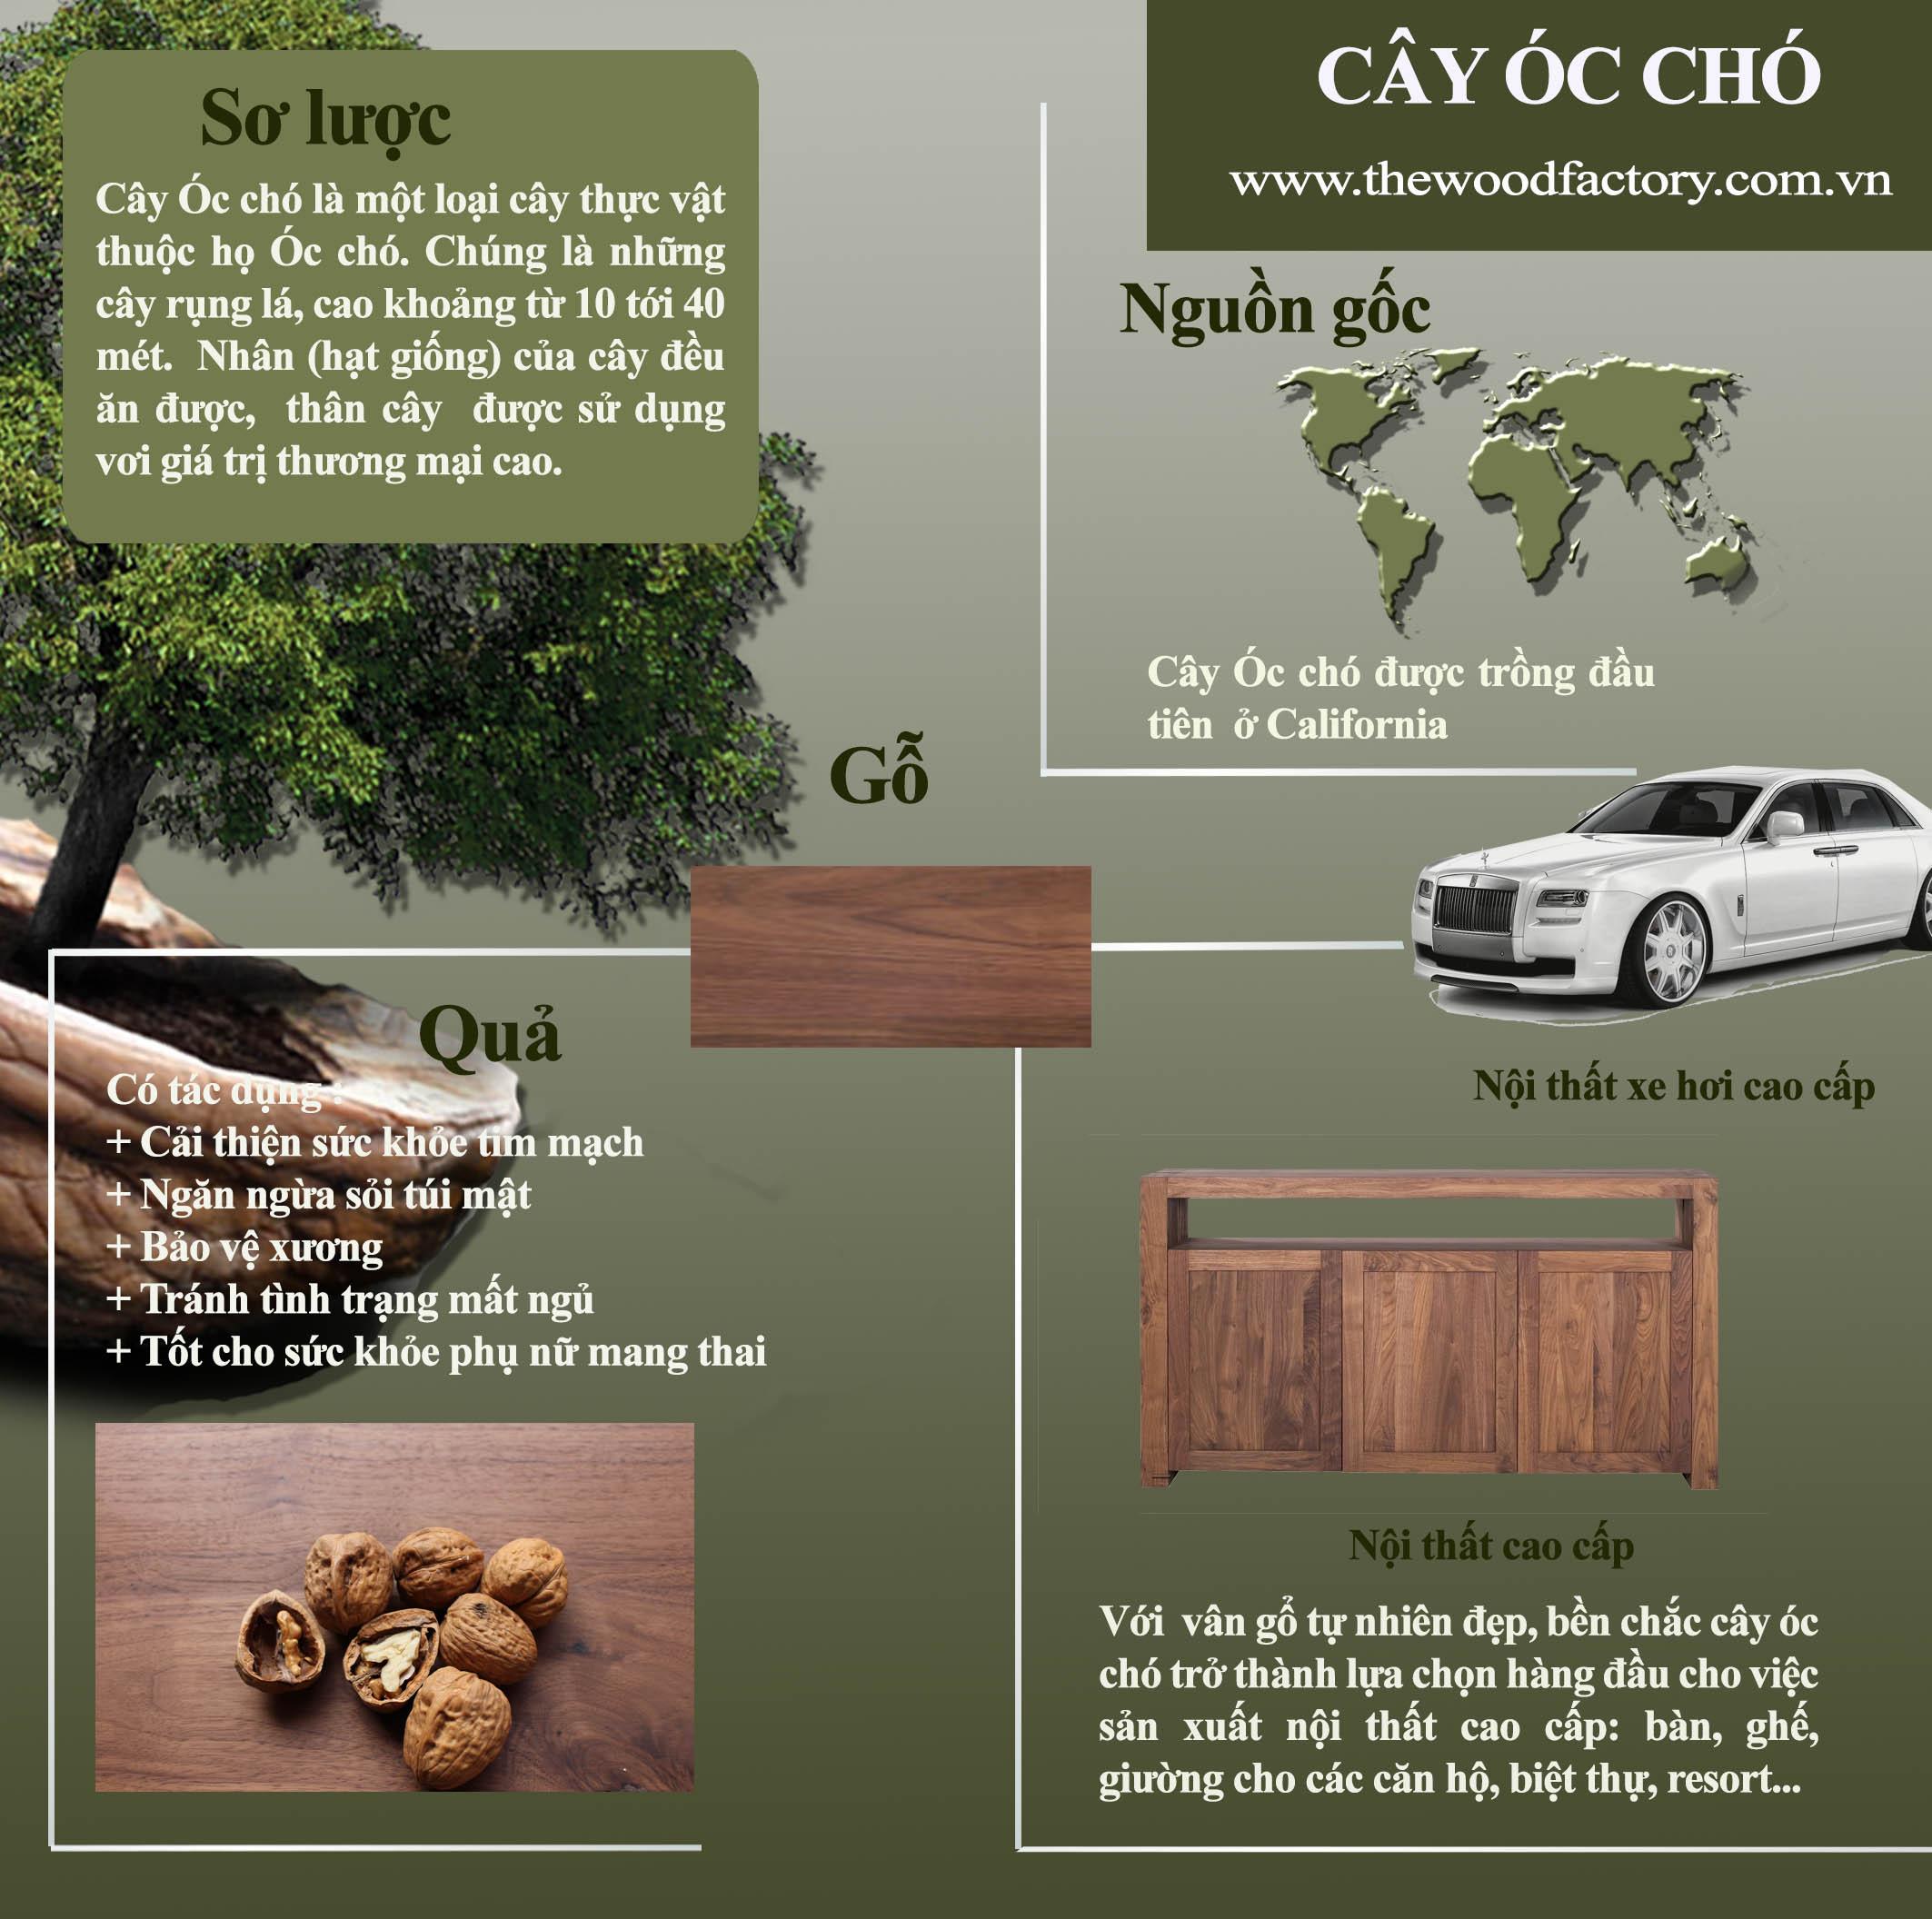 [Infographic]: Cây Óc Chó